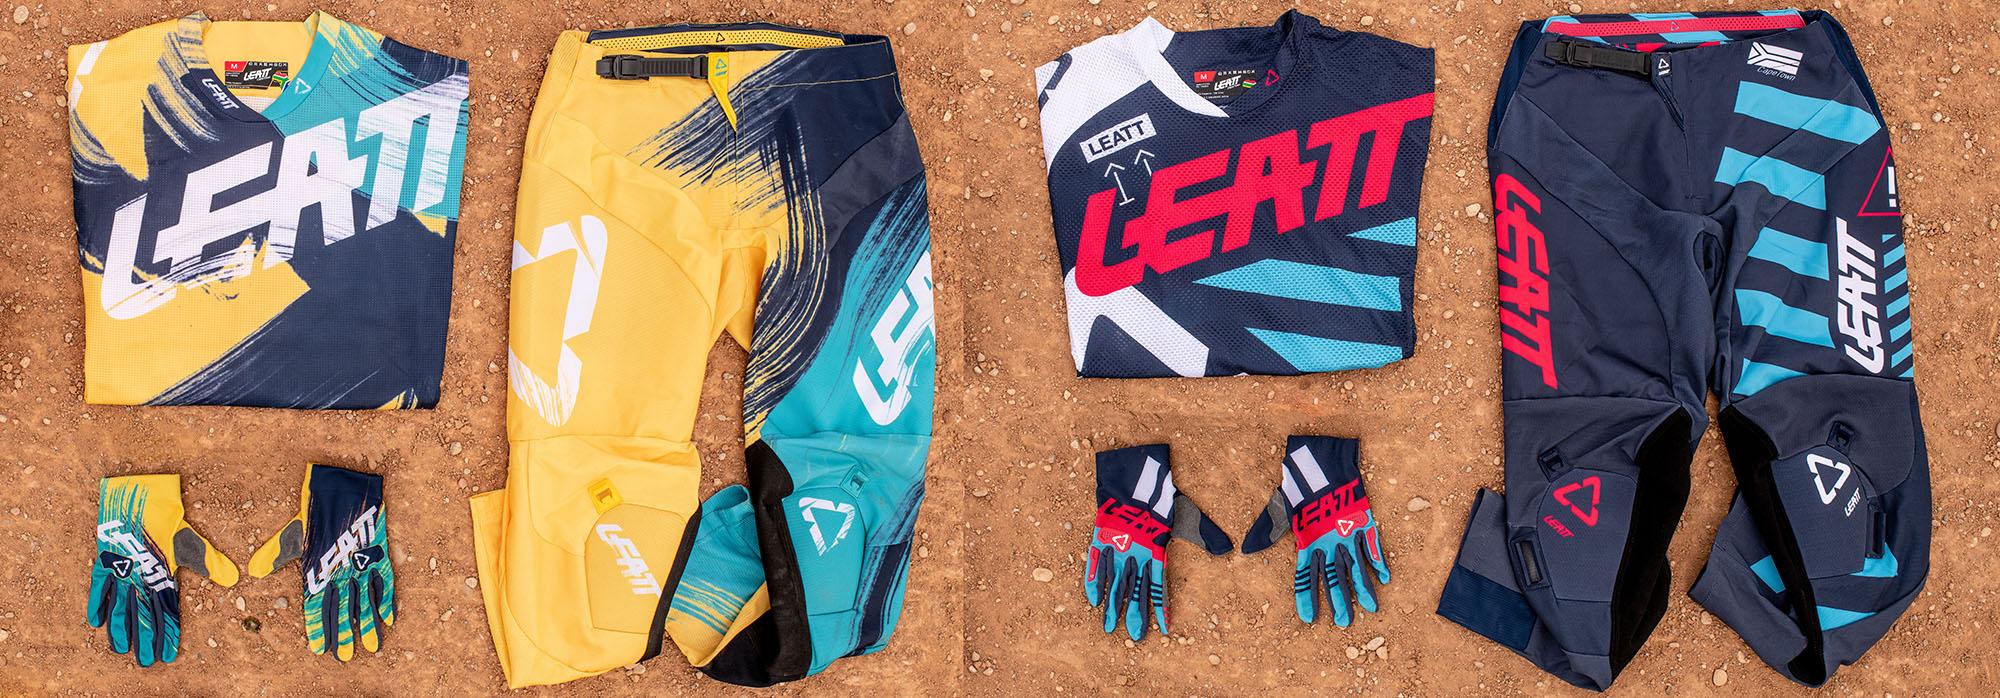 Leatt2019-MotoGPX_Gear-Layed.jpg